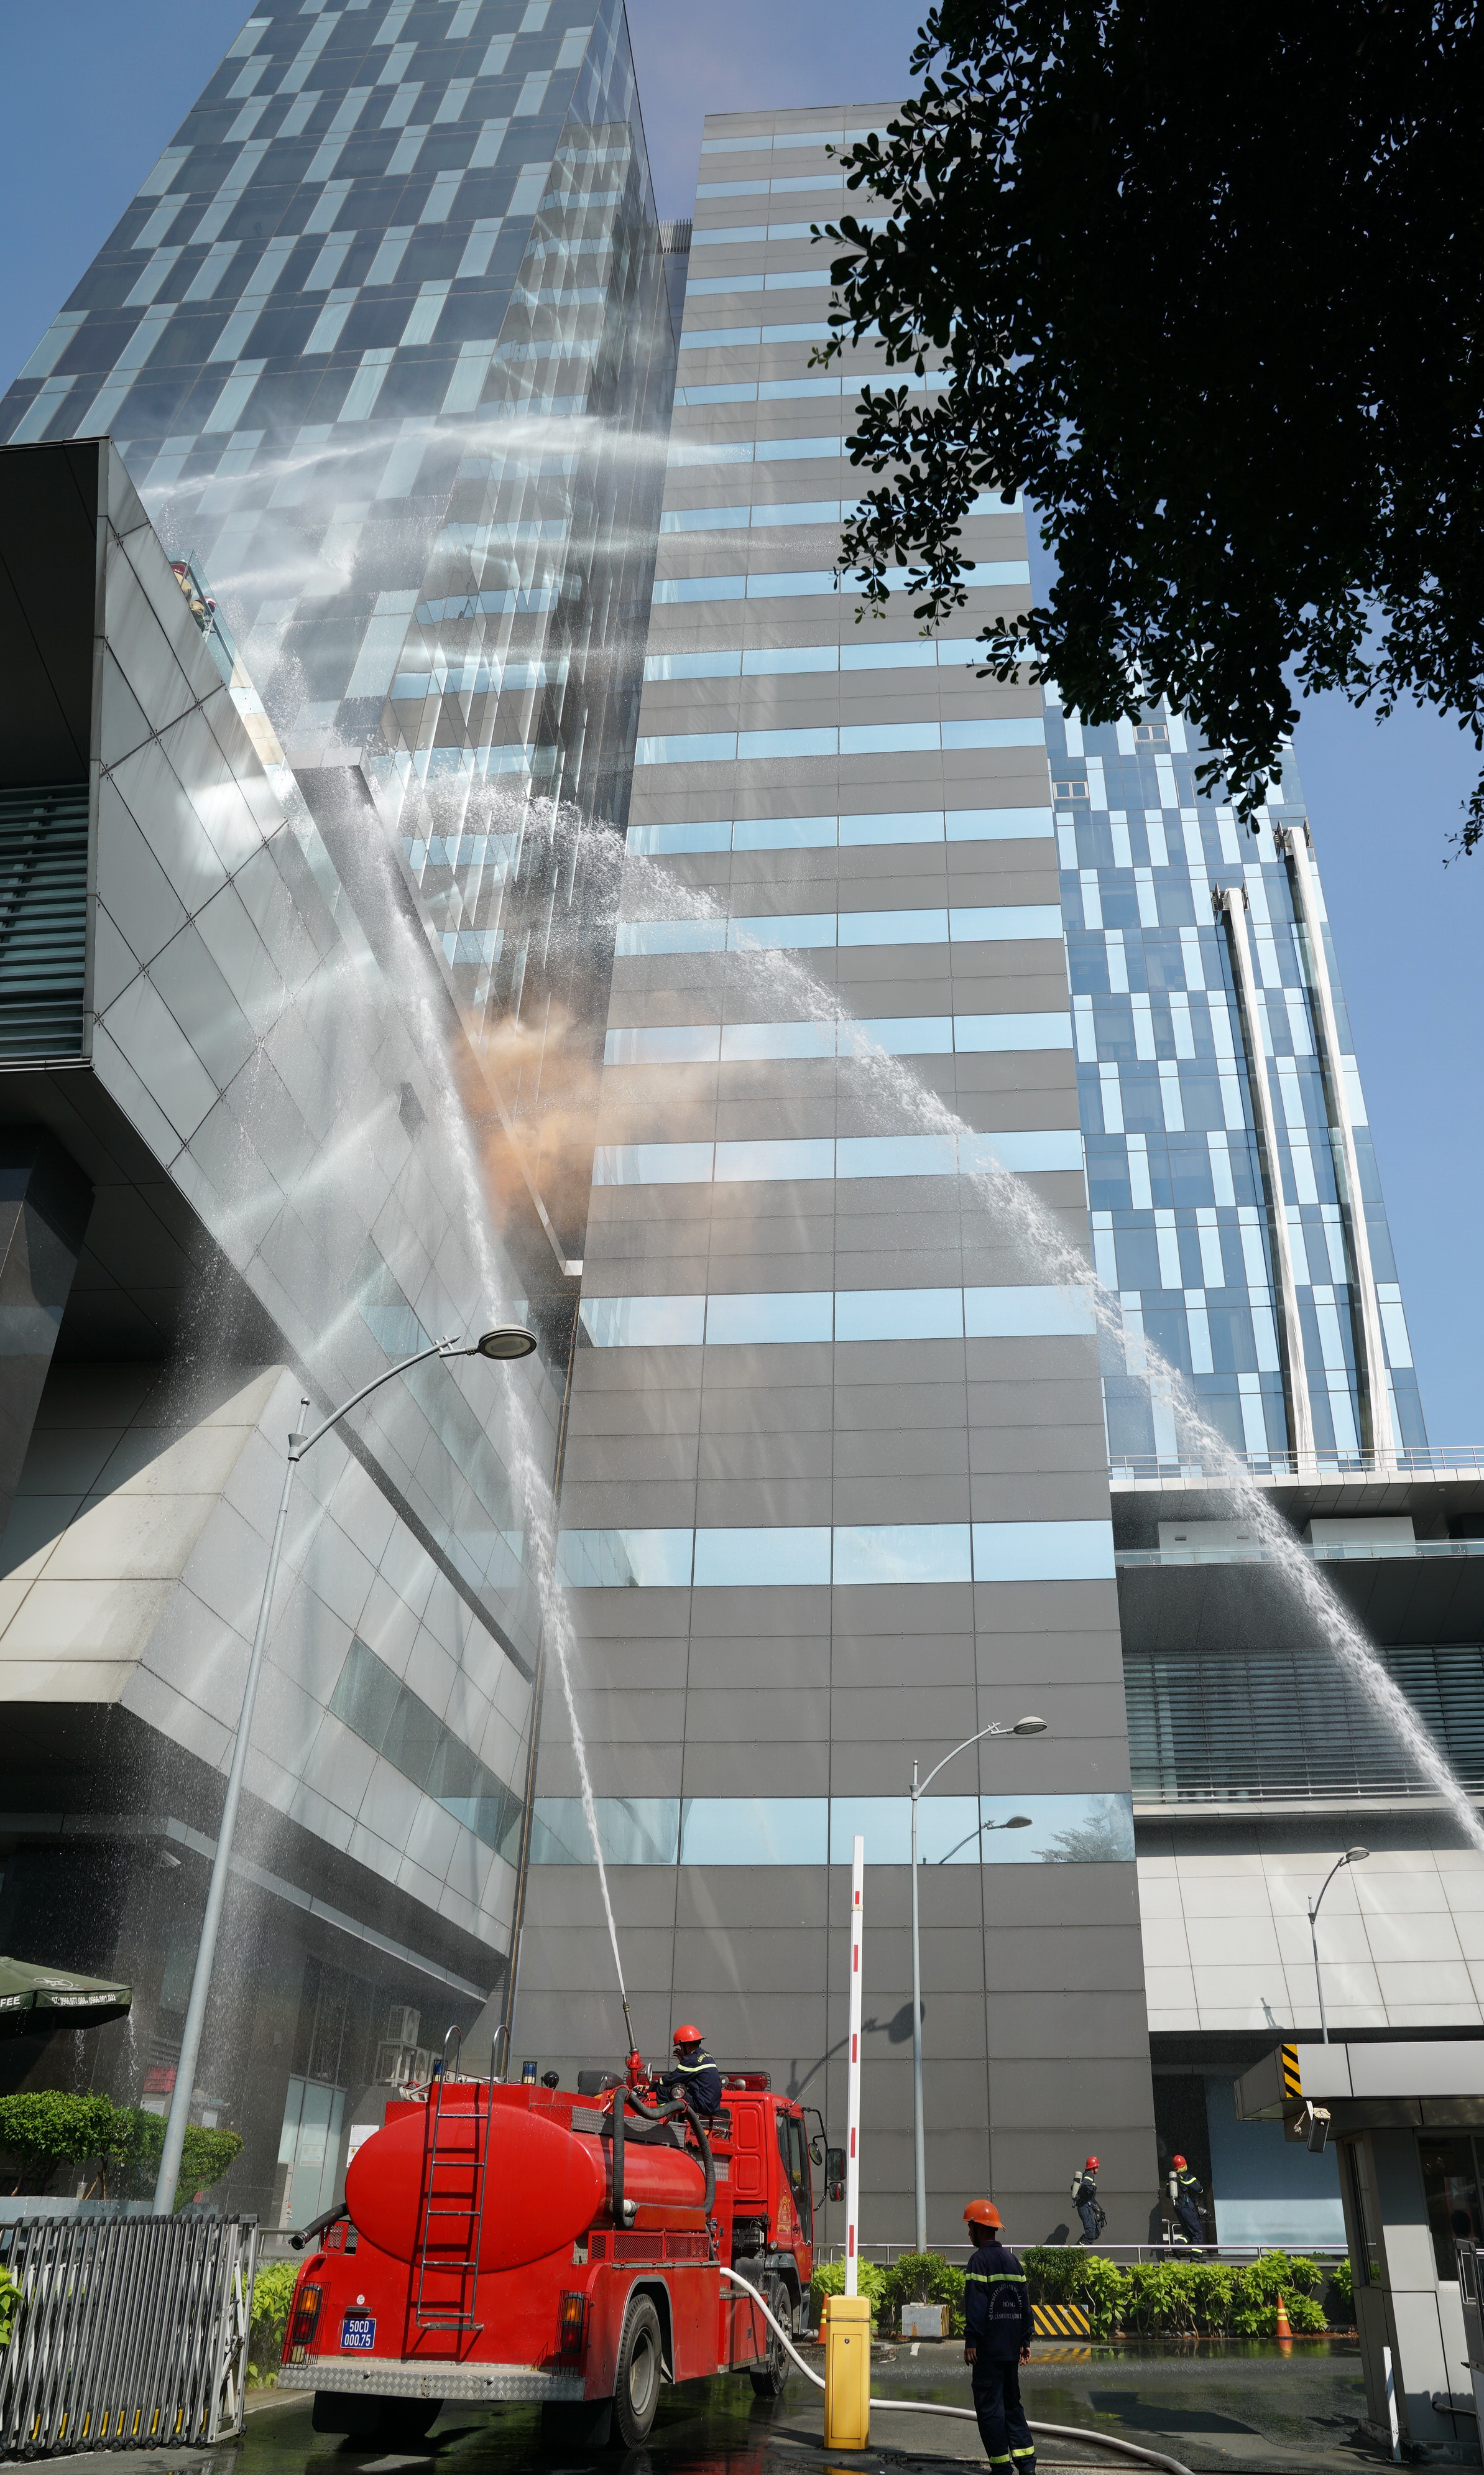 Lực lượng chữa cháy chuyên nghiệp hỗ trợ dập tan đám cháy